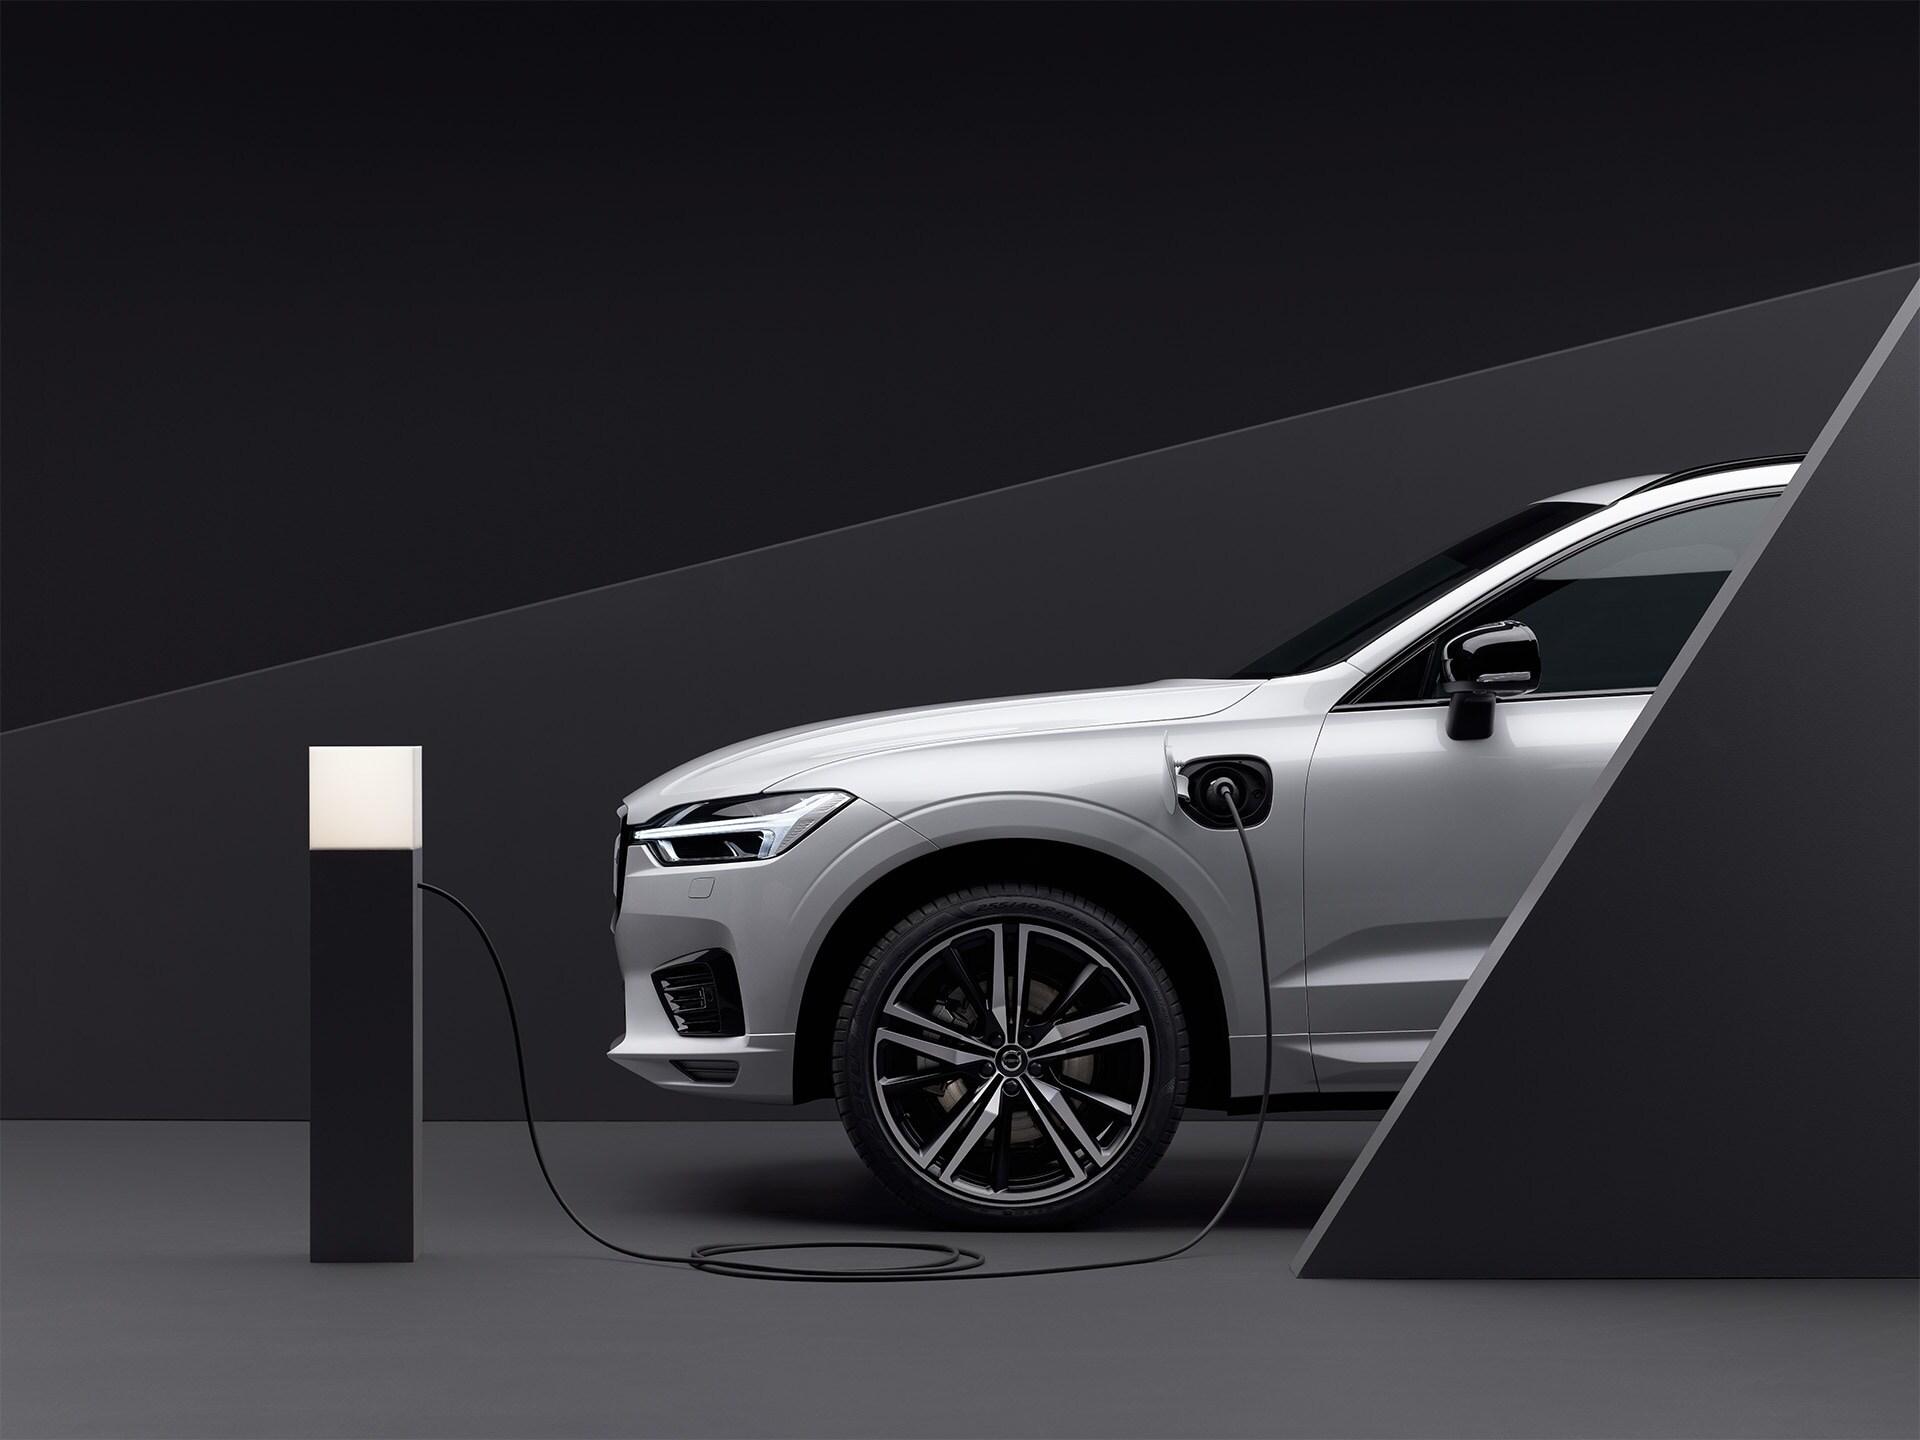 Bir şarj noktasında fişe takılı olan park halinde parlak gümüş bir Volvo SUV